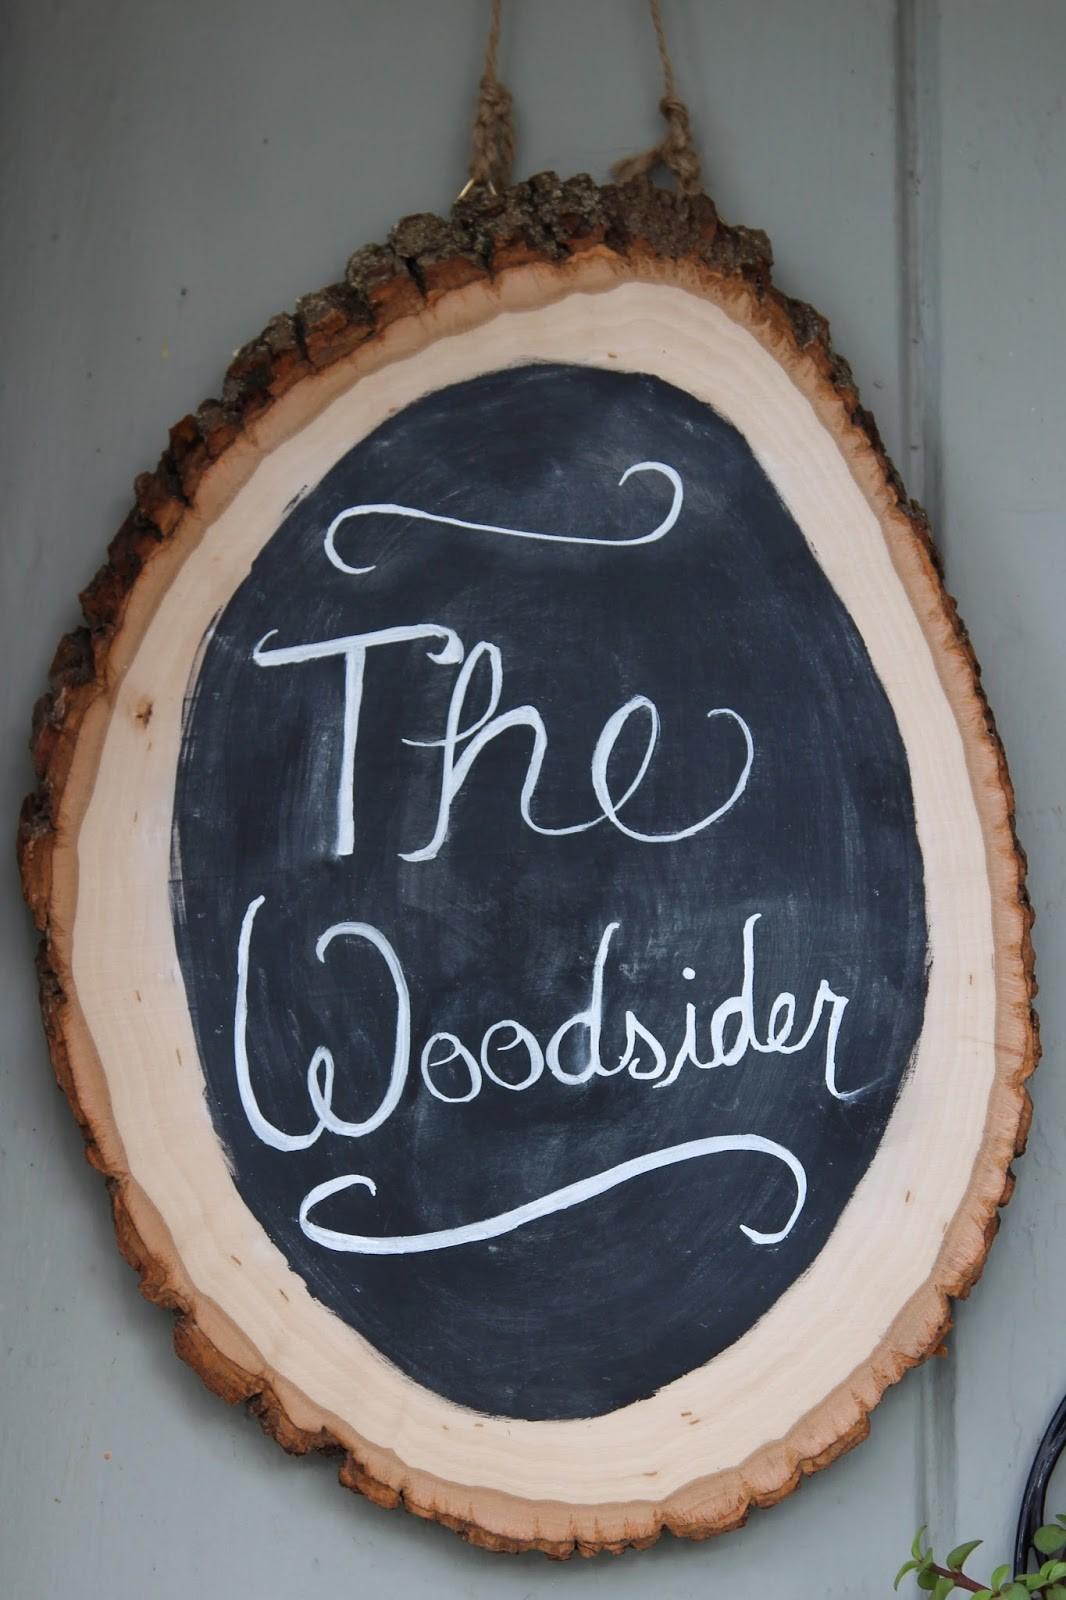 6. Slice wood ideas via via Simphome